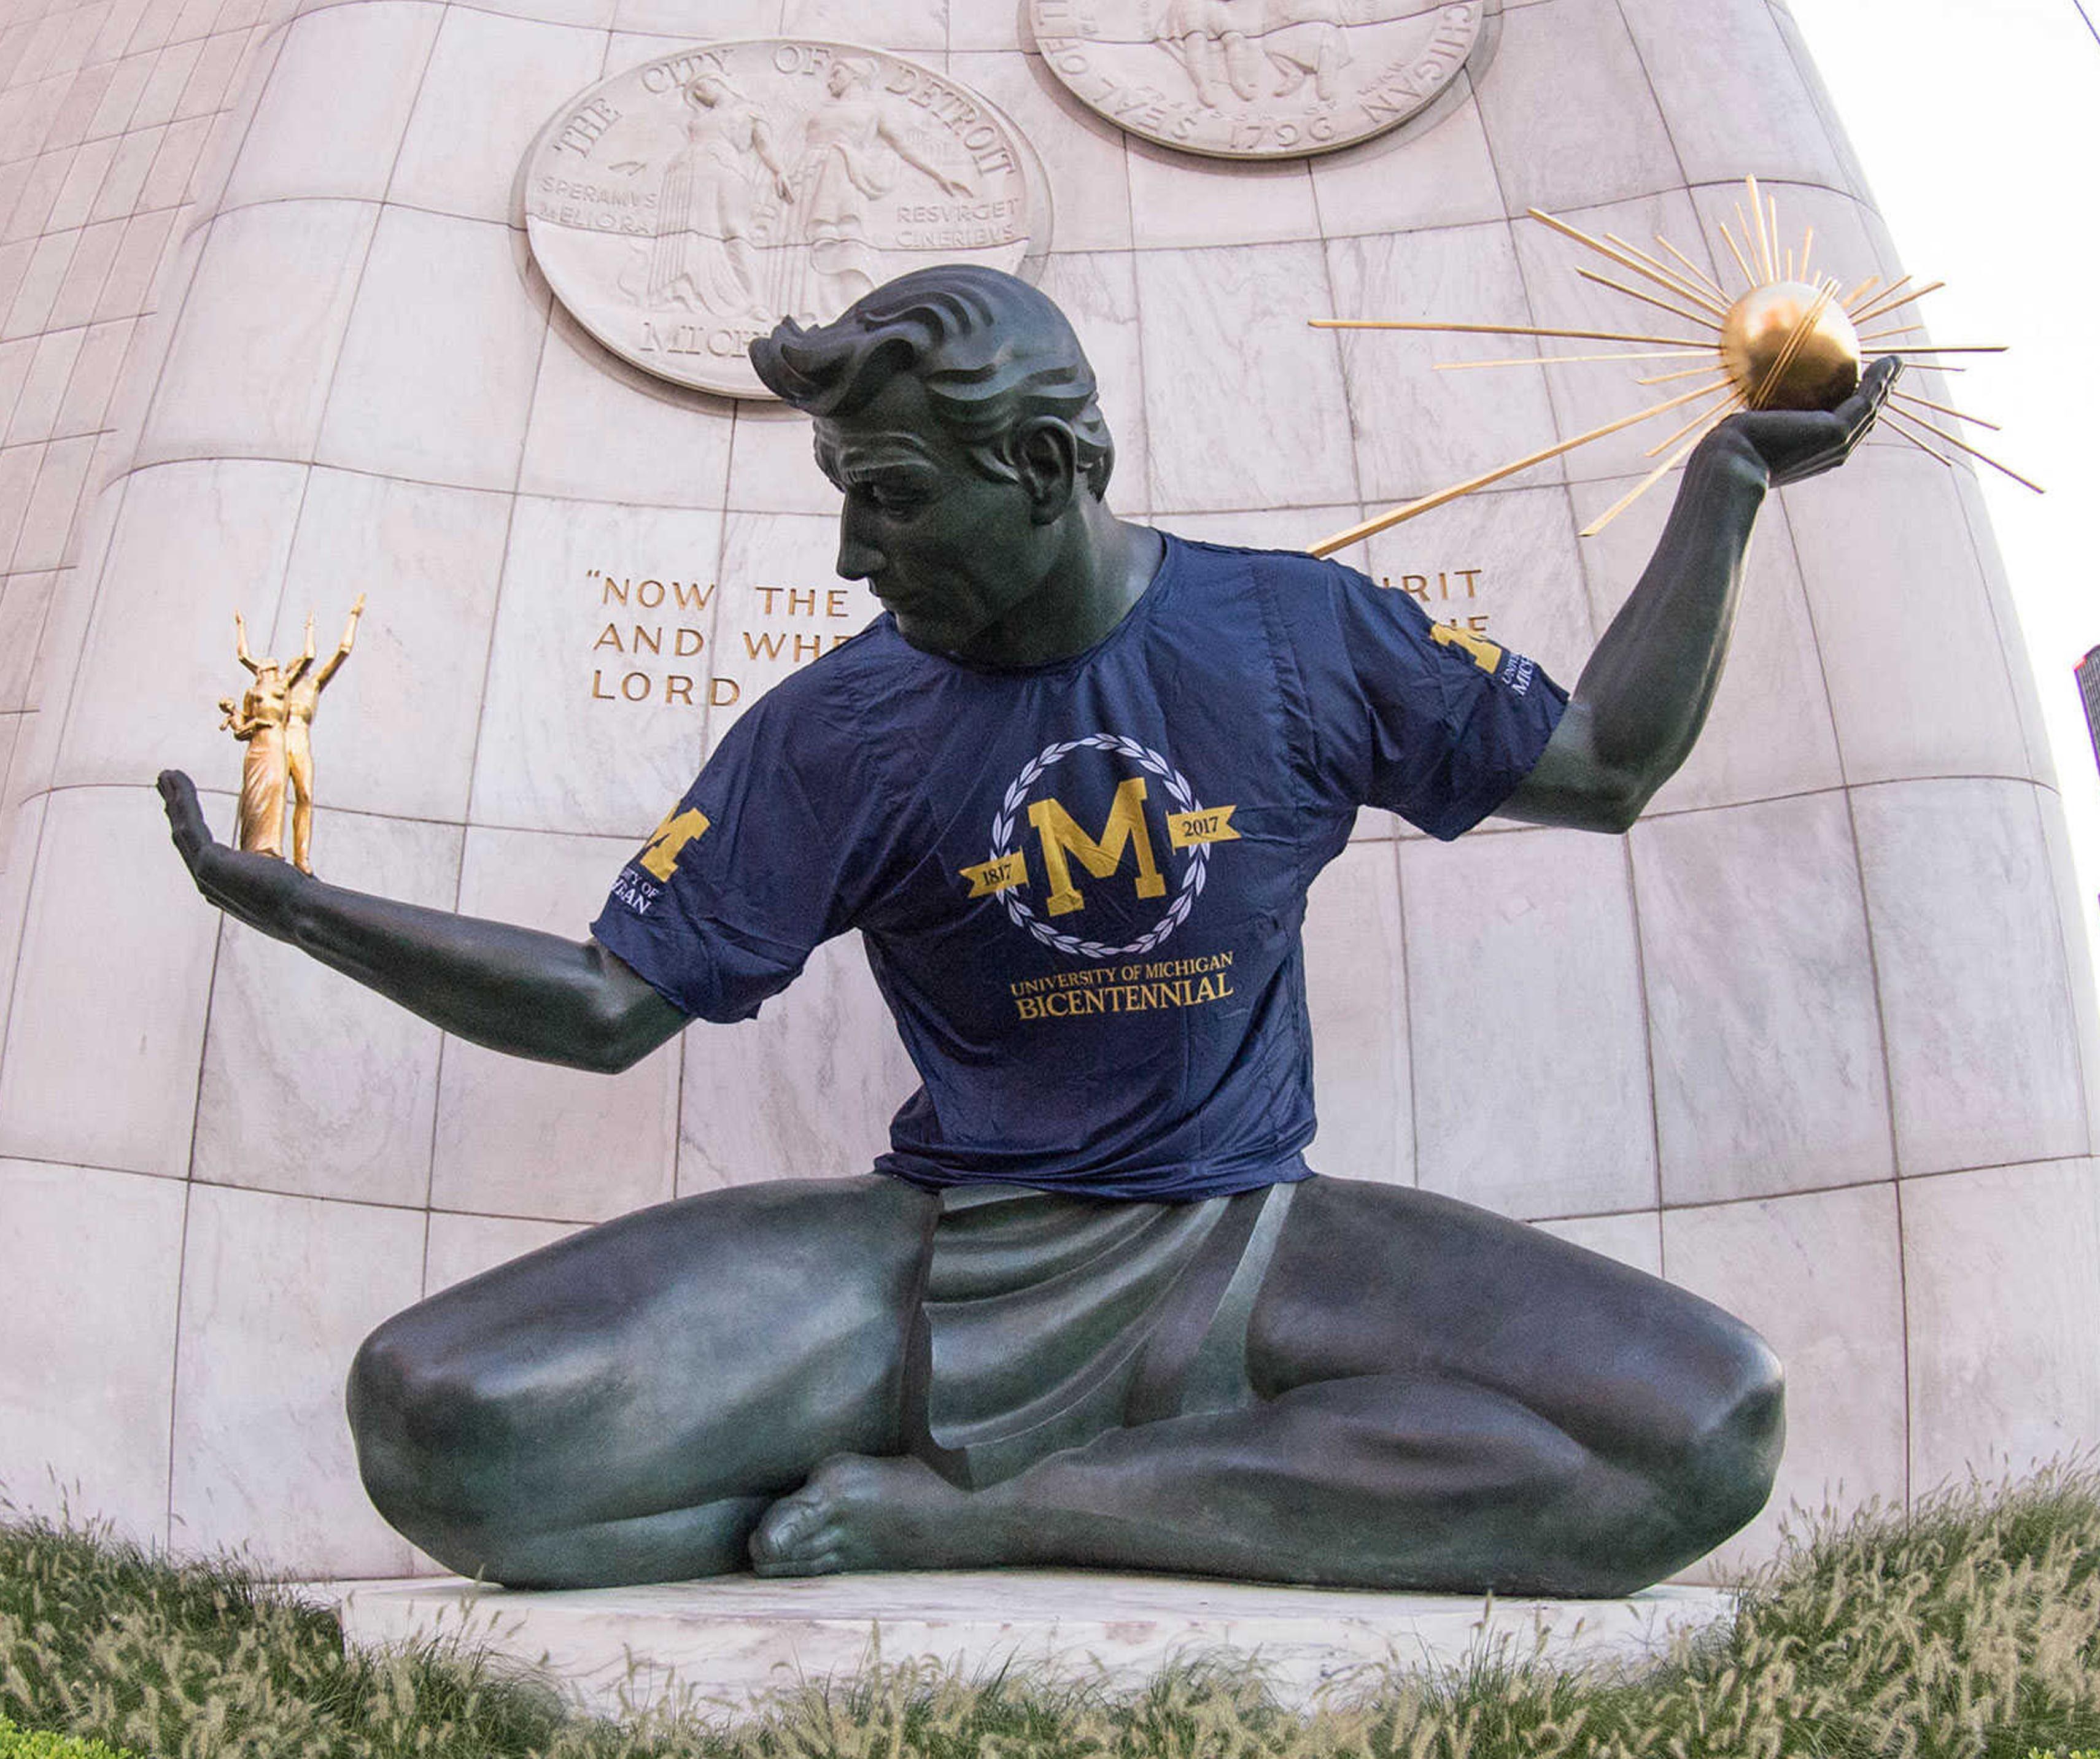 The spirit of detroit statue wears a University of Michigan bicentennial t-shirt.